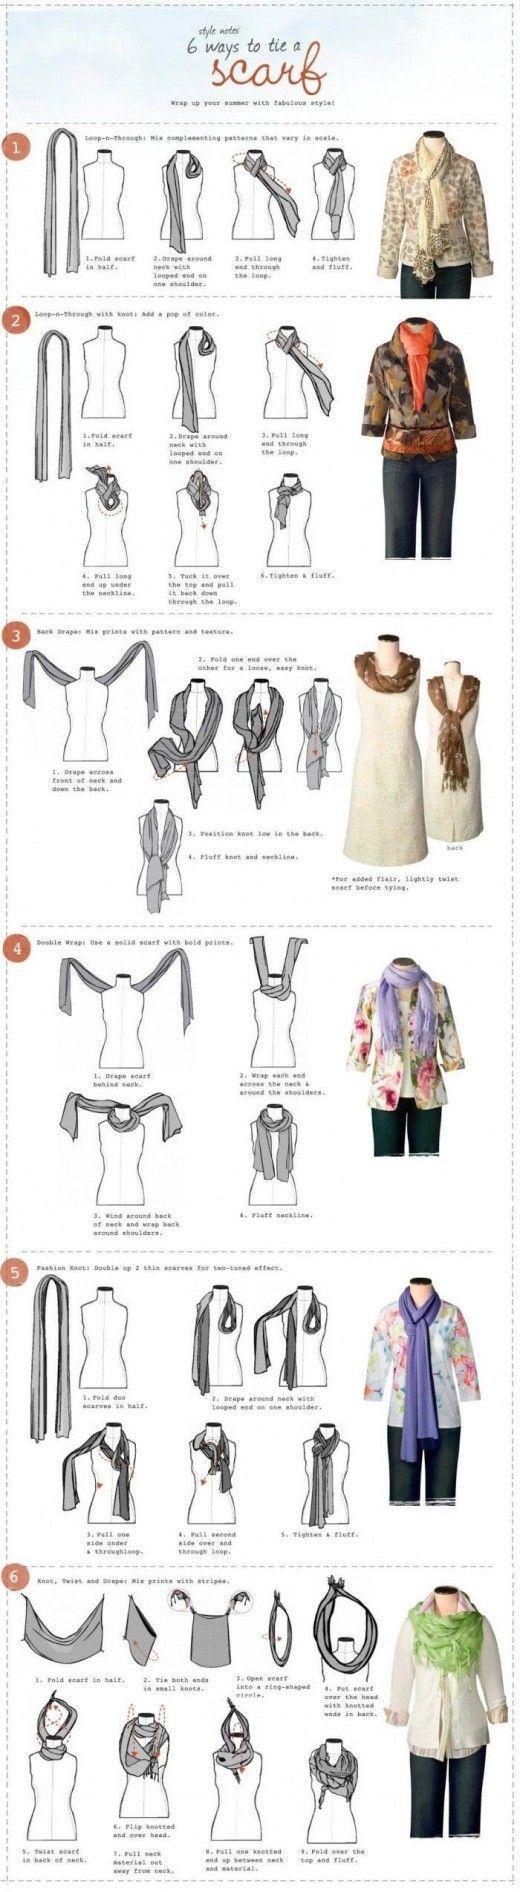 Bli modemodig med sjalen – enkla knutar för dig (via Bloglovin.com )